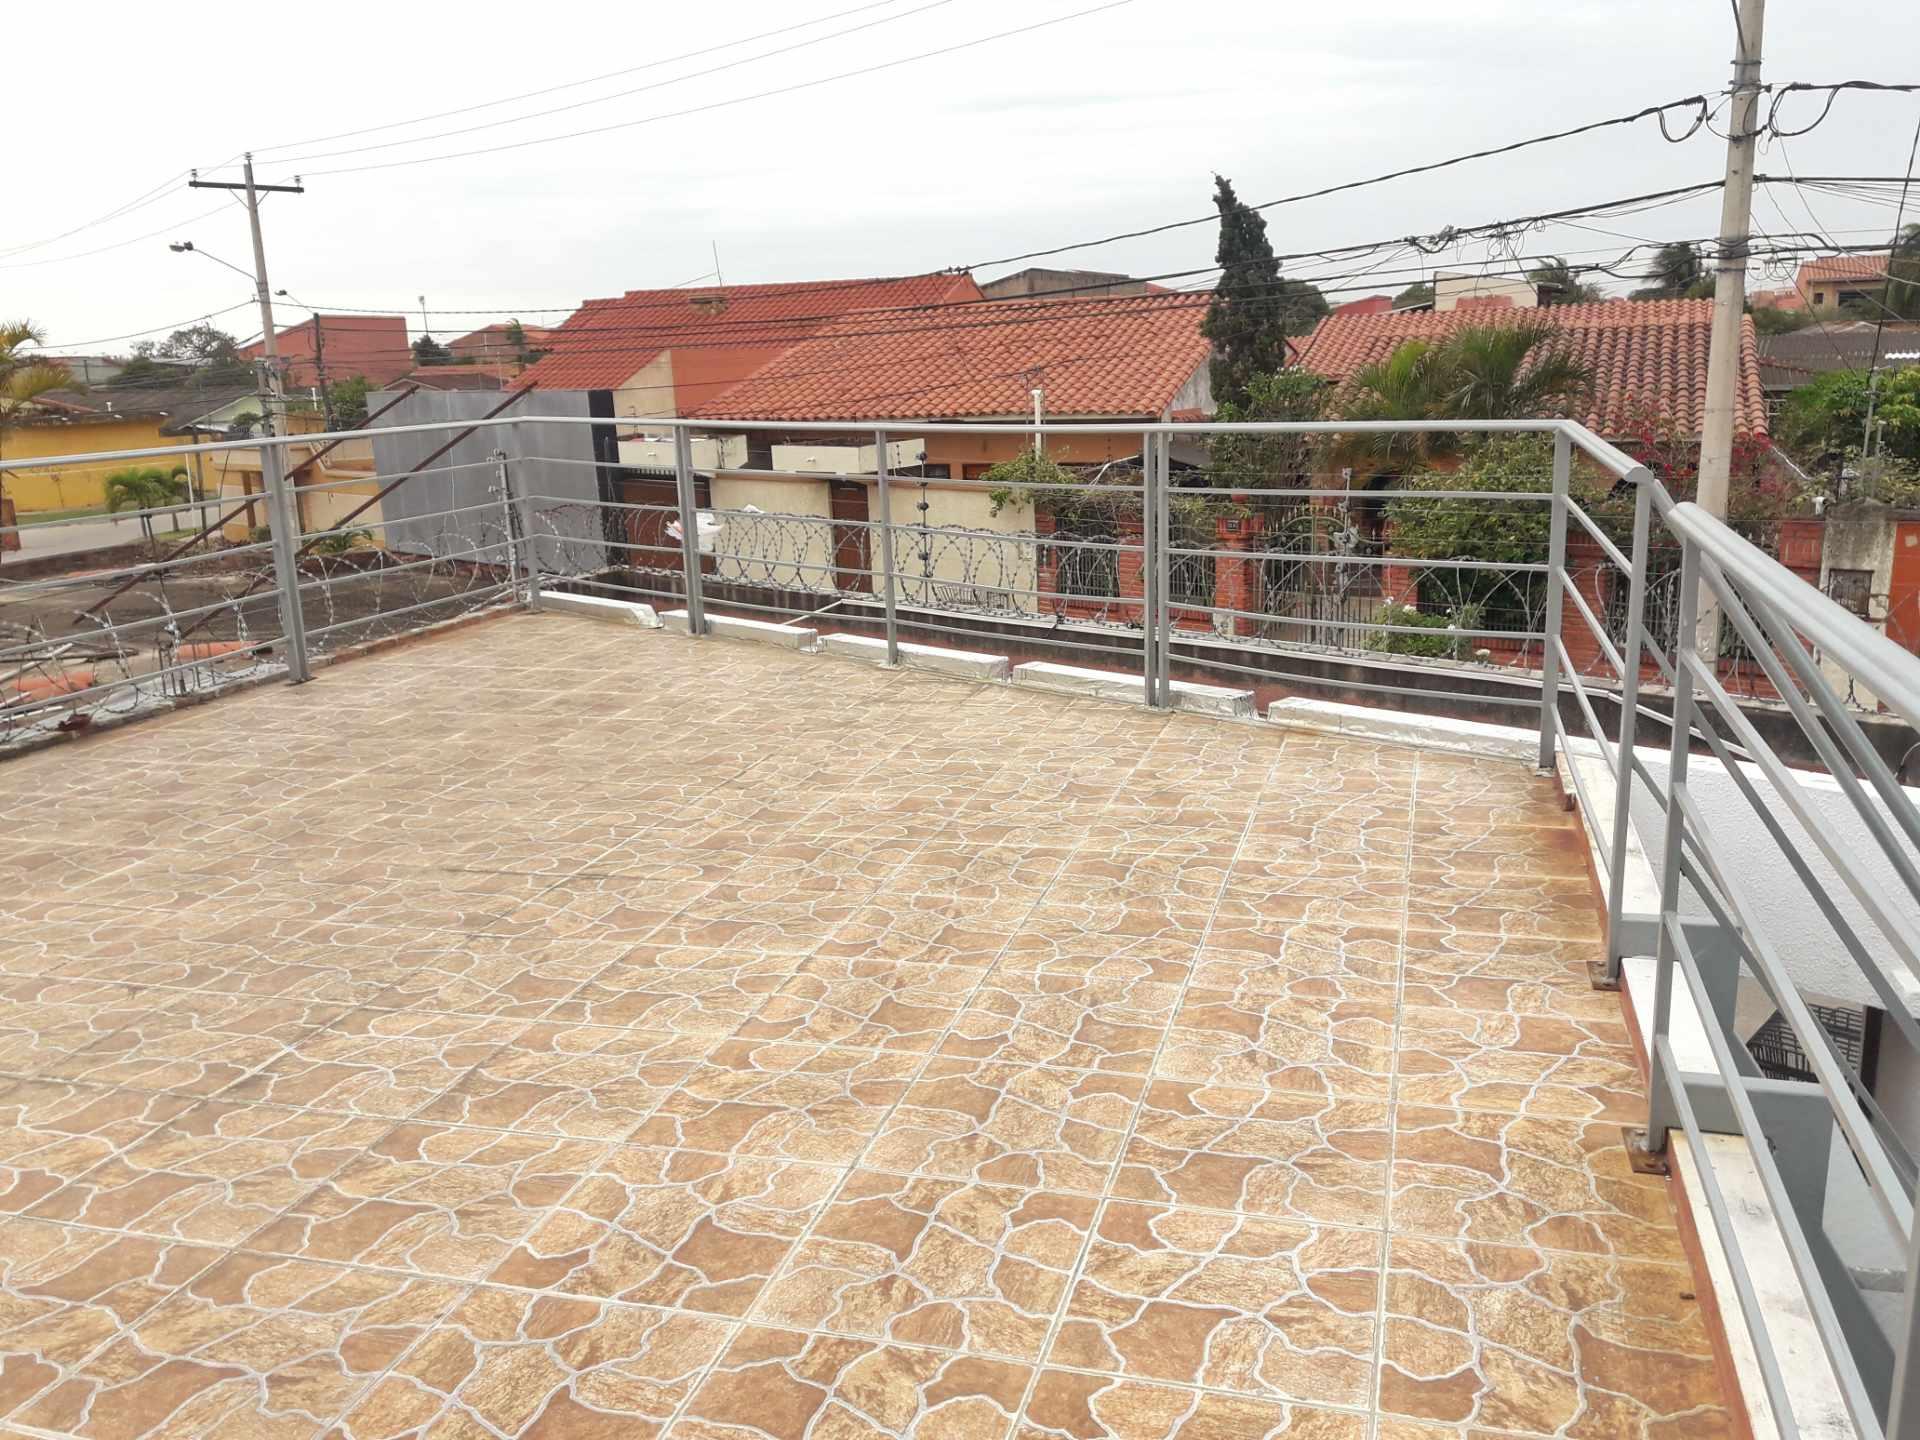 Casa en Venta Barrio Olender 3 pasos al frente entre 4to y 5to anillo Foto 8